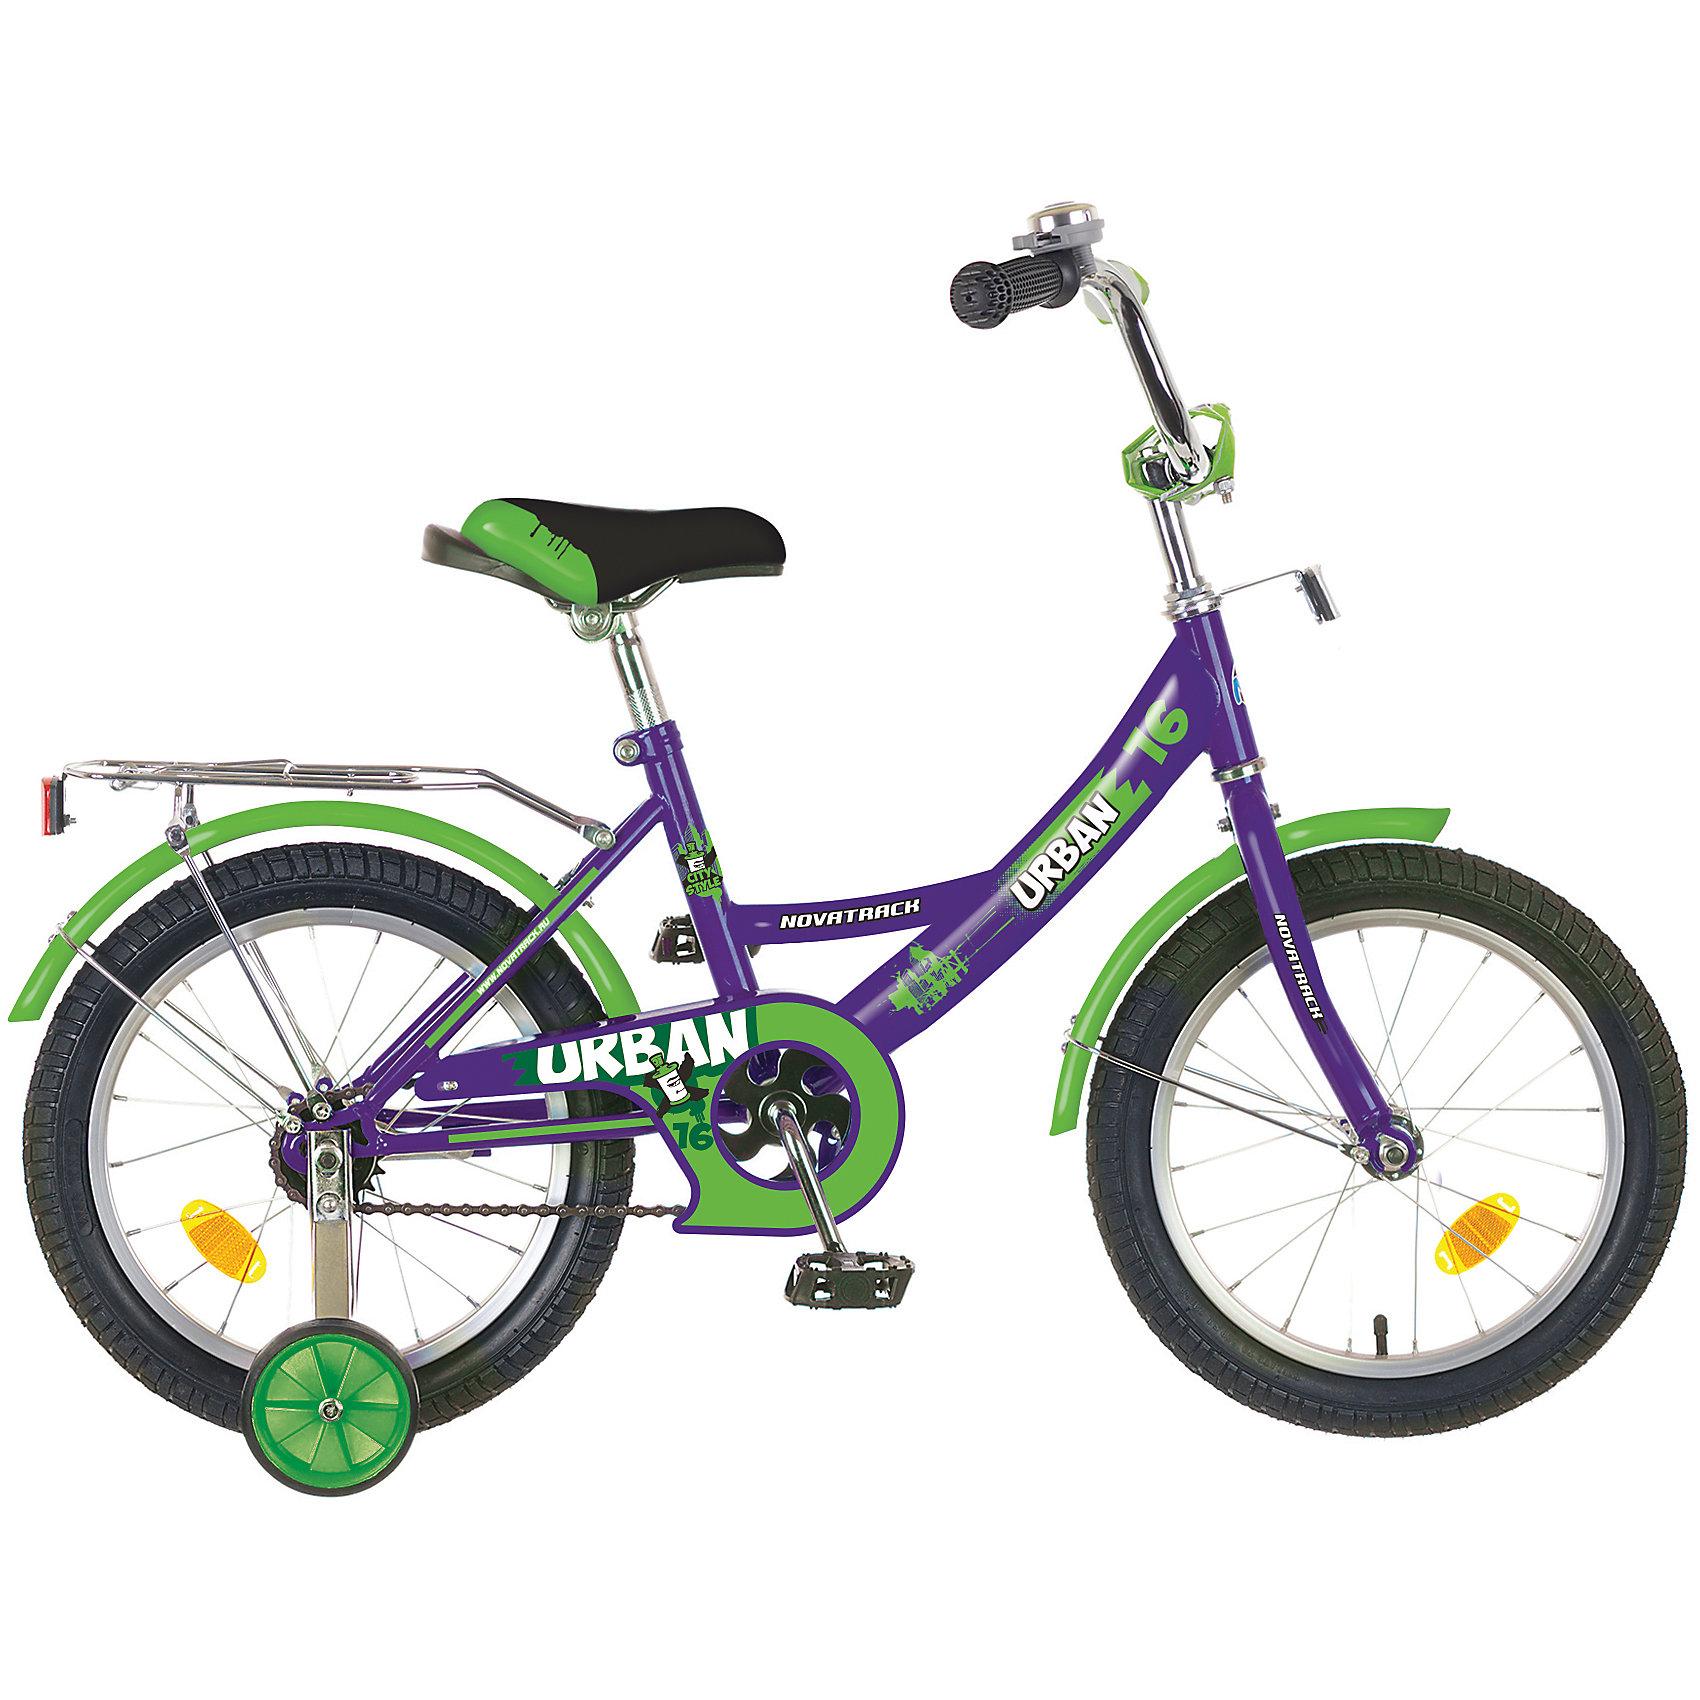 Велосипед URBAN, фиолетовый, 16 дюймов, NovatrackВелосипеды детские<br>Велосипед Novatrack Urban c 16-дюймовыми колесамиэто надежный велосипед для ребят от 4 лет. Высокое качество сборки гарантирует, что велосипед прослужит долго, даже если ваш ребенок будет гонять на нем ежедневно по несколько часов подряд. Велосипед оснащен защитой цепи, которая не позволит ногам и одежде попасть в мезанизм. Еще одно средство, способствующее безопасному вождению велосипеда в любых дорожных условияхограничитель поворота руля. который не позволит маленькому велосипедисту слишком сильно повернуть руль и таким образом создать себе все условия для неминуемого падения. Да и учиться ездить с таким приспособлением гораздо удобнее, ведь руль не крутится вокруг своей оси, а значит, и двигаться велосипед будет аккуратно и всегда именно туда, куда нужно. Велосипед оборудован багажникомобязательным атрибутом любого детского велосипеда, ведь как же еще перевозить свои игрушки и другие нужные мелочи во время прогулок Для безопасности установлено целых 4 светоотражателязадний, передний и по одному на каждом из основных колес. Колеса закрыты крыльями, которые защитят маленького наездника от грязи и брызг. А ножной тормоз позволит быстро остановиться, в случае необходимости.<br><br>Ширина мм: 900<br>Глубина мм: 180<br>Высота мм: 420<br>Вес г: 12000<br>Возраст от месяцев: 60<br>Возраст до месяцев: 84<br>Пол: Унисекс<br>Возраст: Детский<br>SKU: 5613213